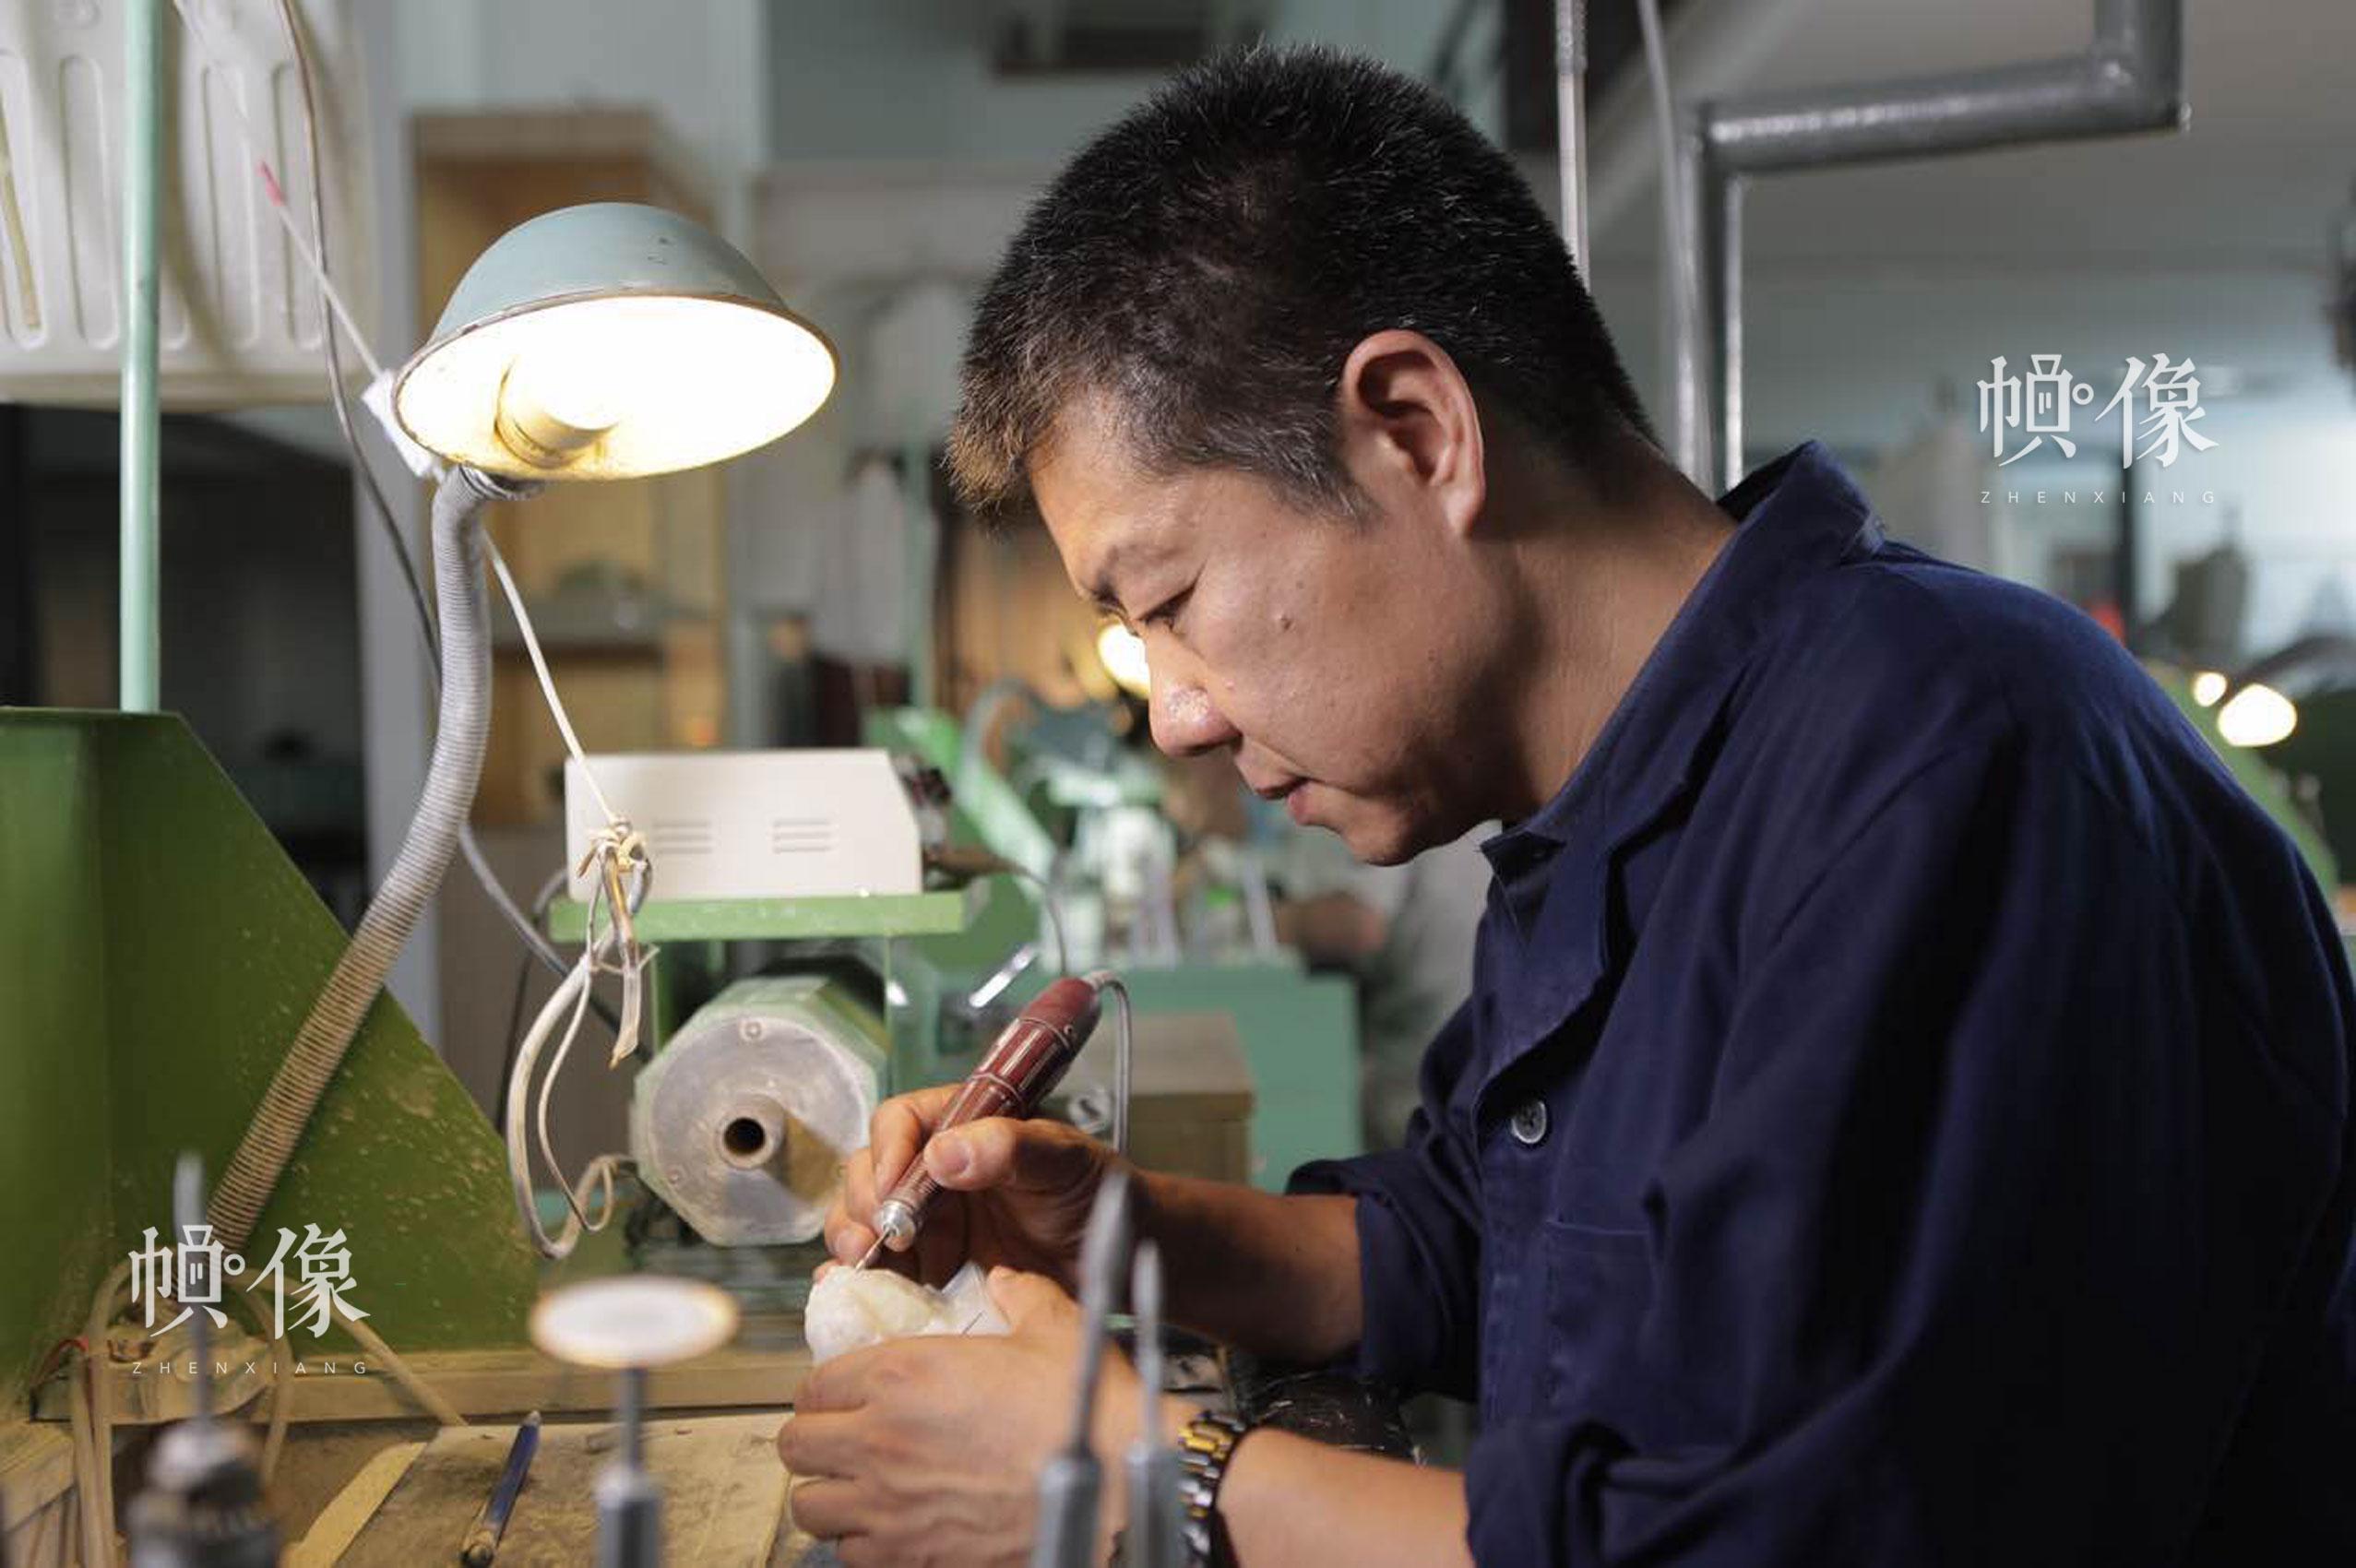 中国玉雕大师张铁成工作照。张铁成大师团队供图。